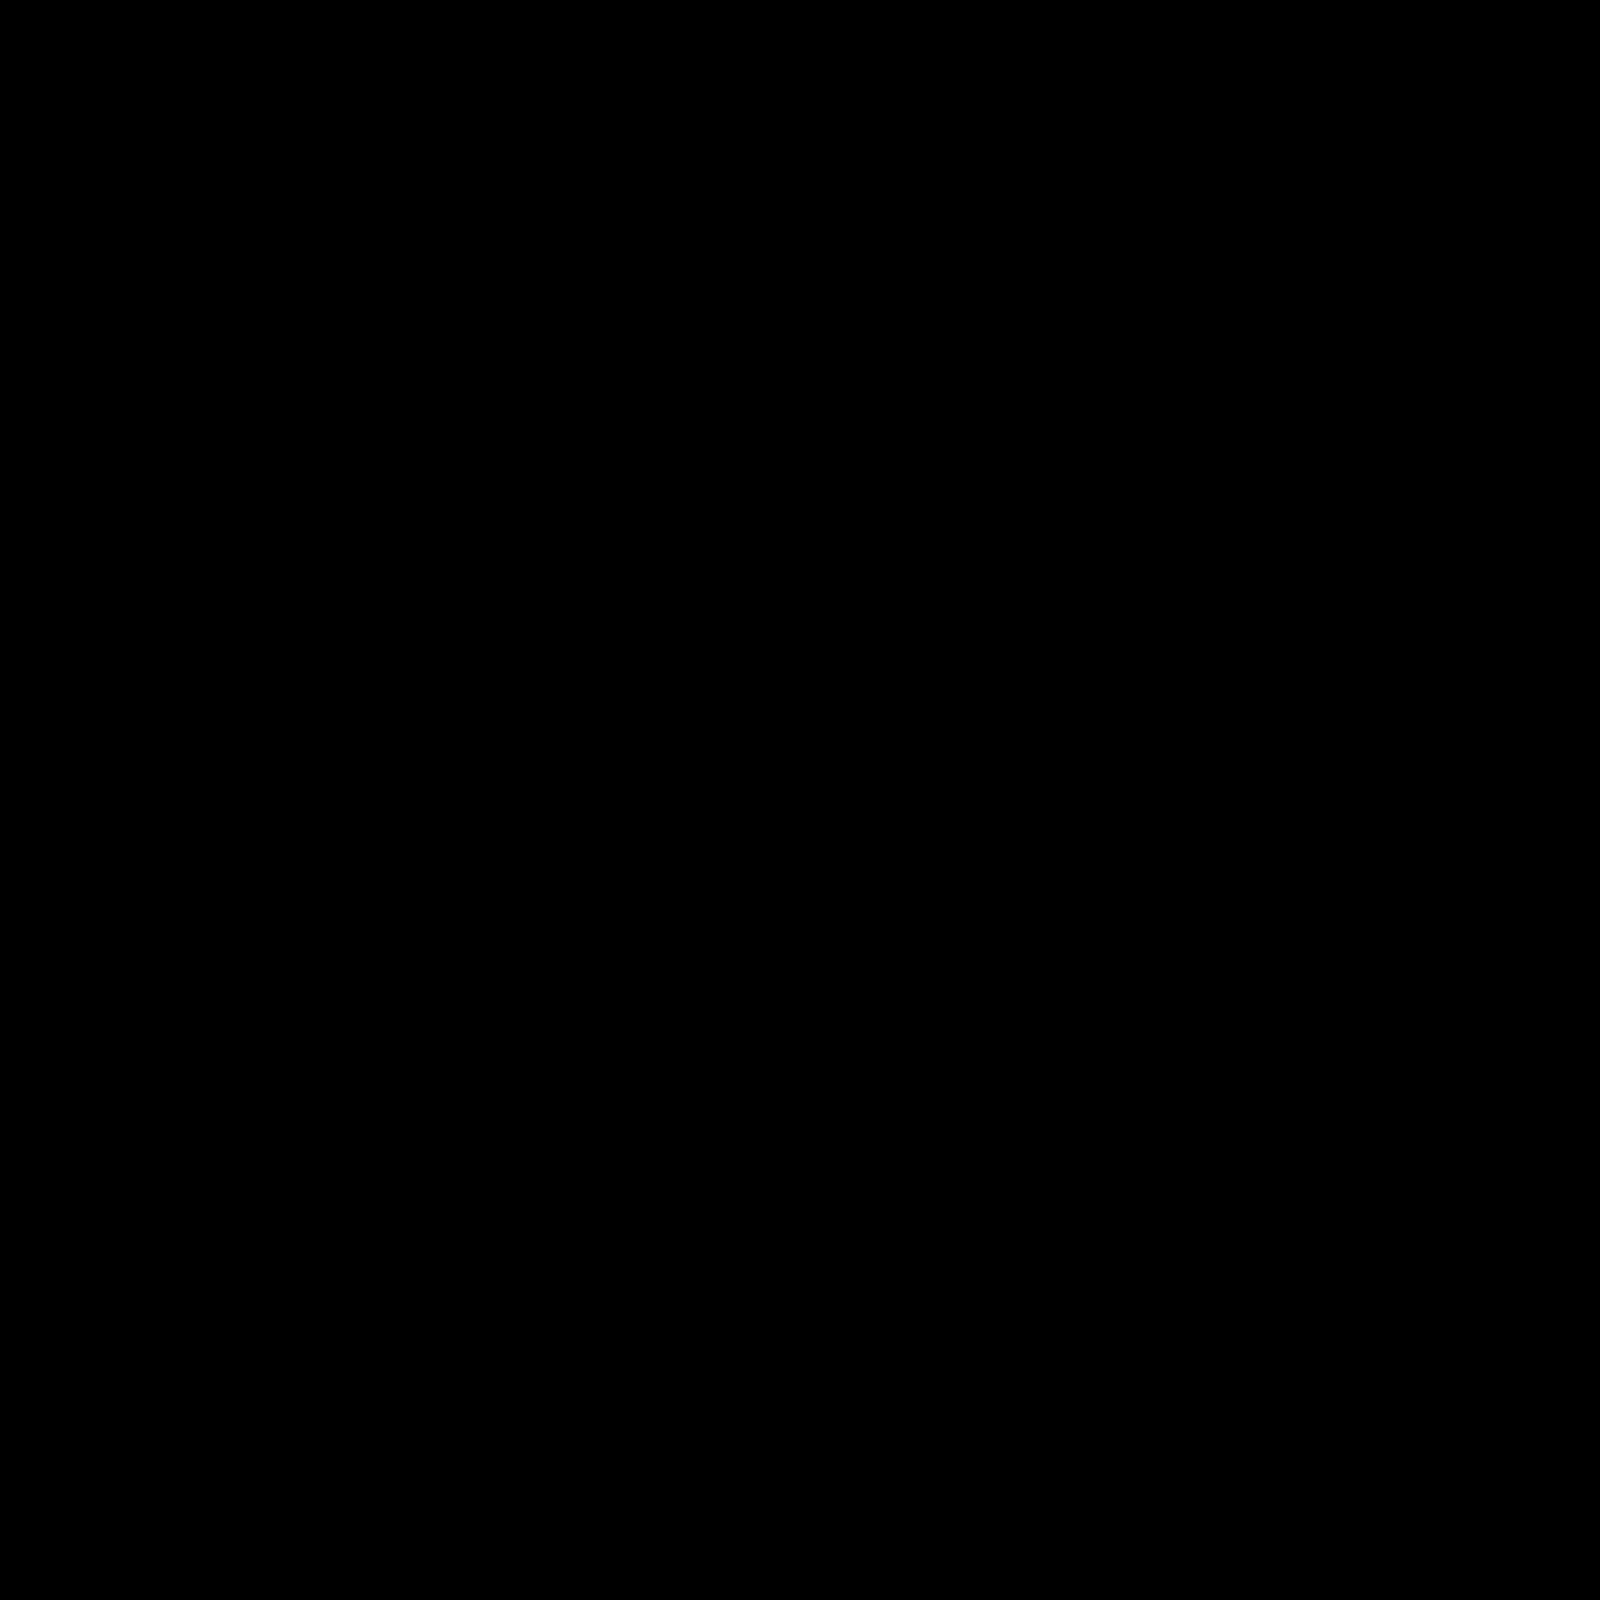 Miód icon